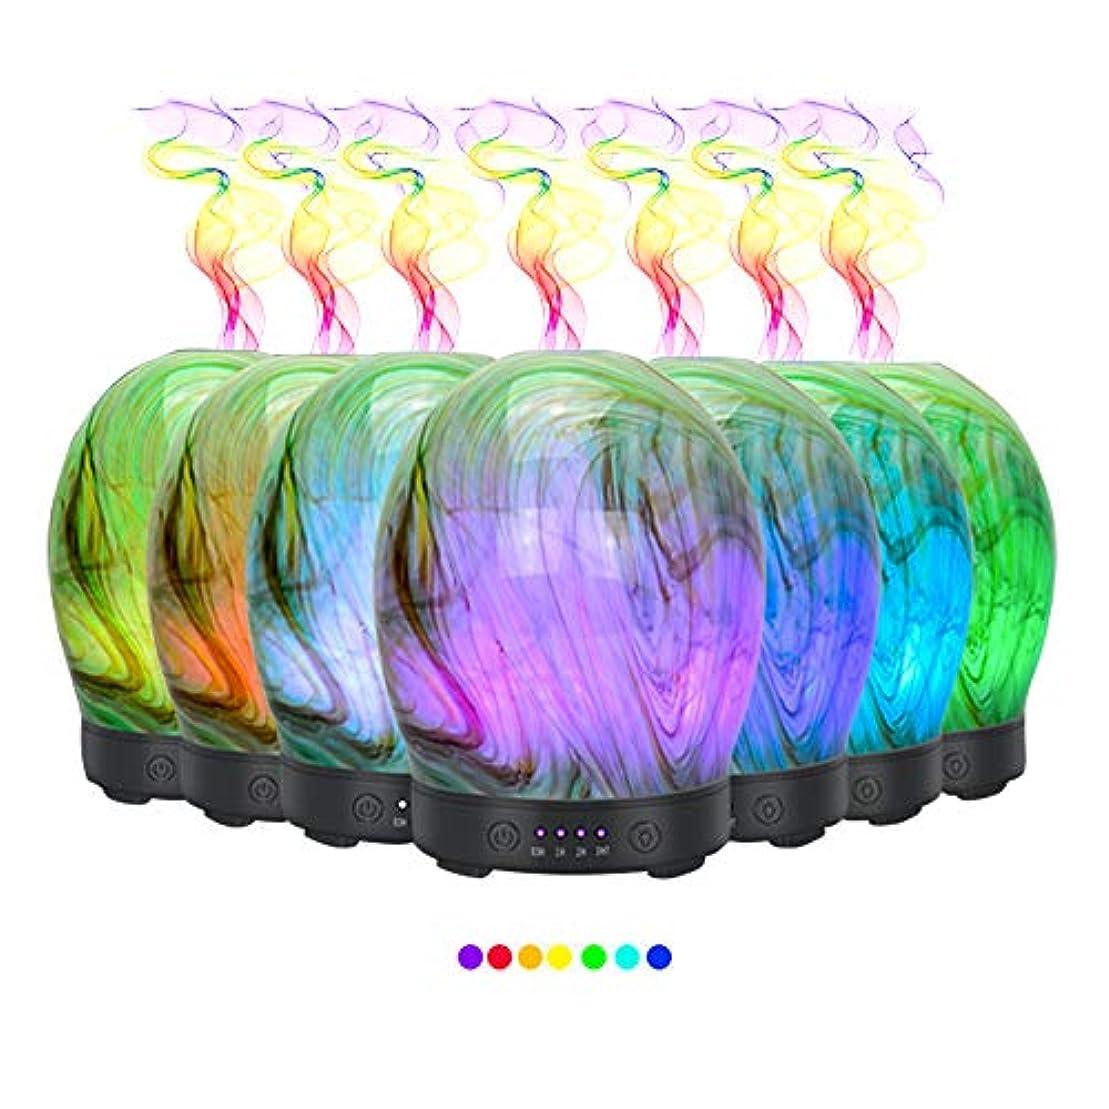 精巧な社交的インゲンエッセンシャルオイル用ディフューザー (100ml)-3d アートガラスツイストツリーアロマ加湿器7色の変更 LED ライト & 4 タイマー設定、水なしオートシャットオフ